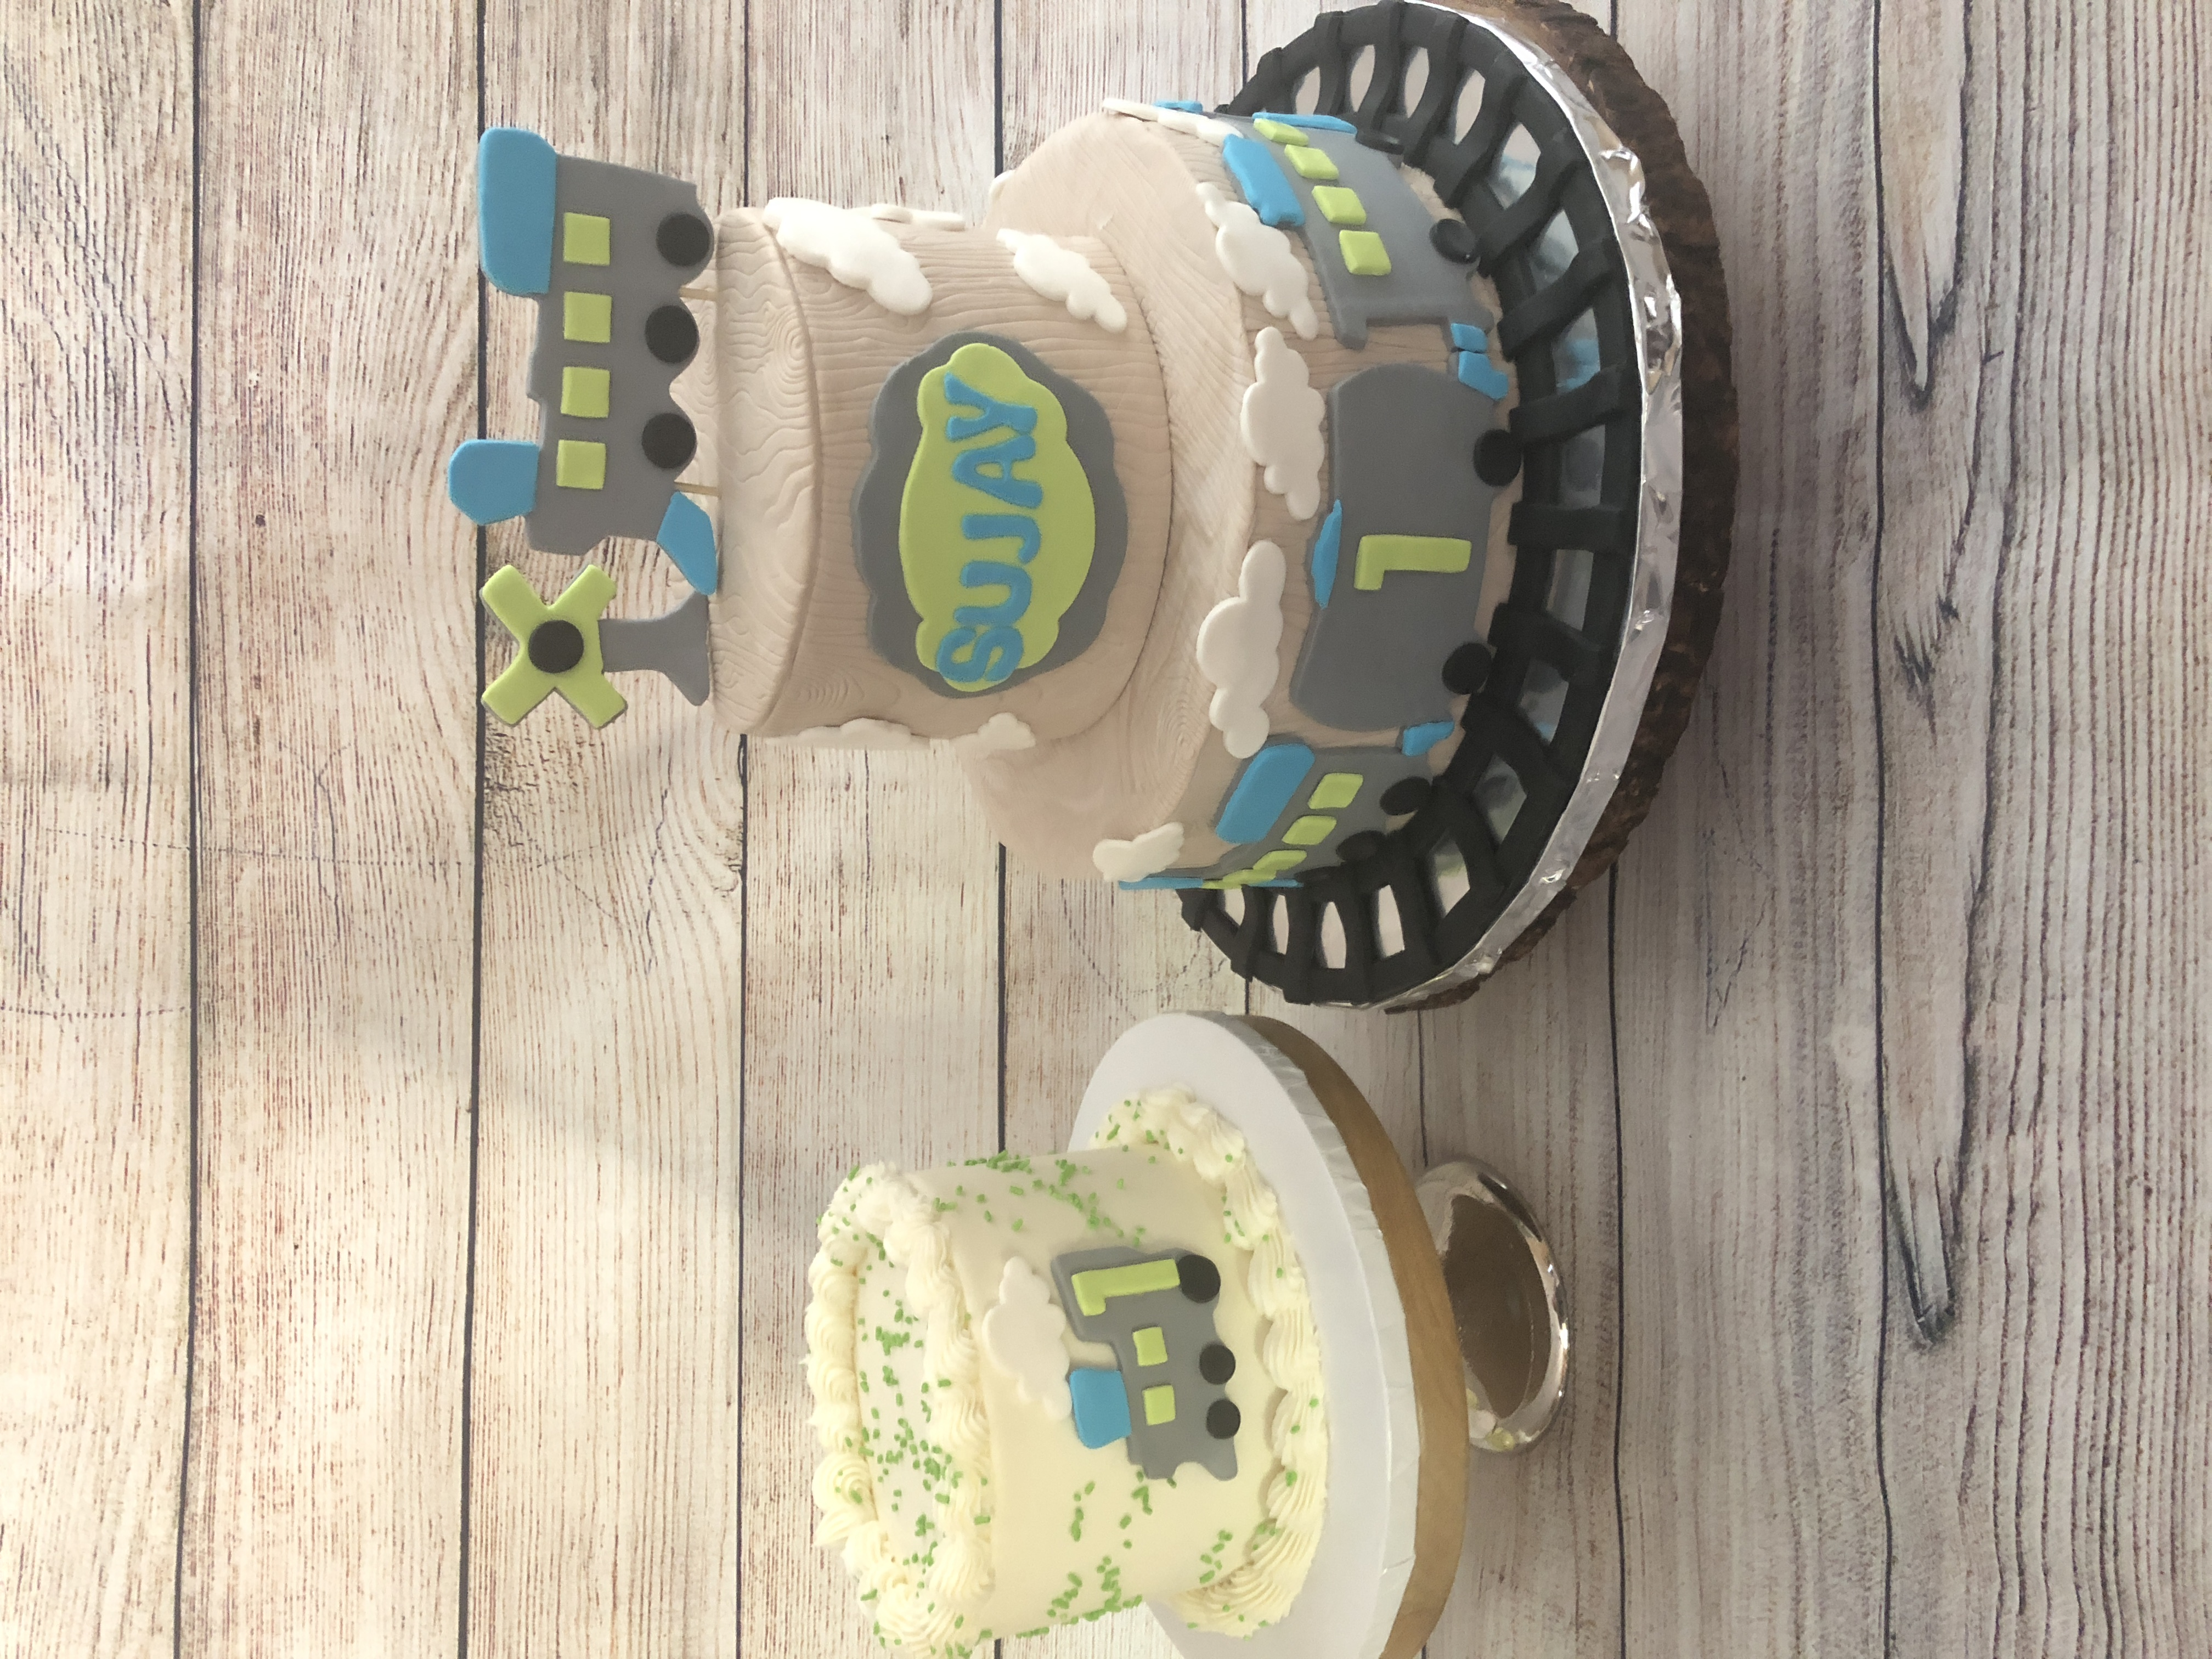 Choo Choo train cake & smash cake